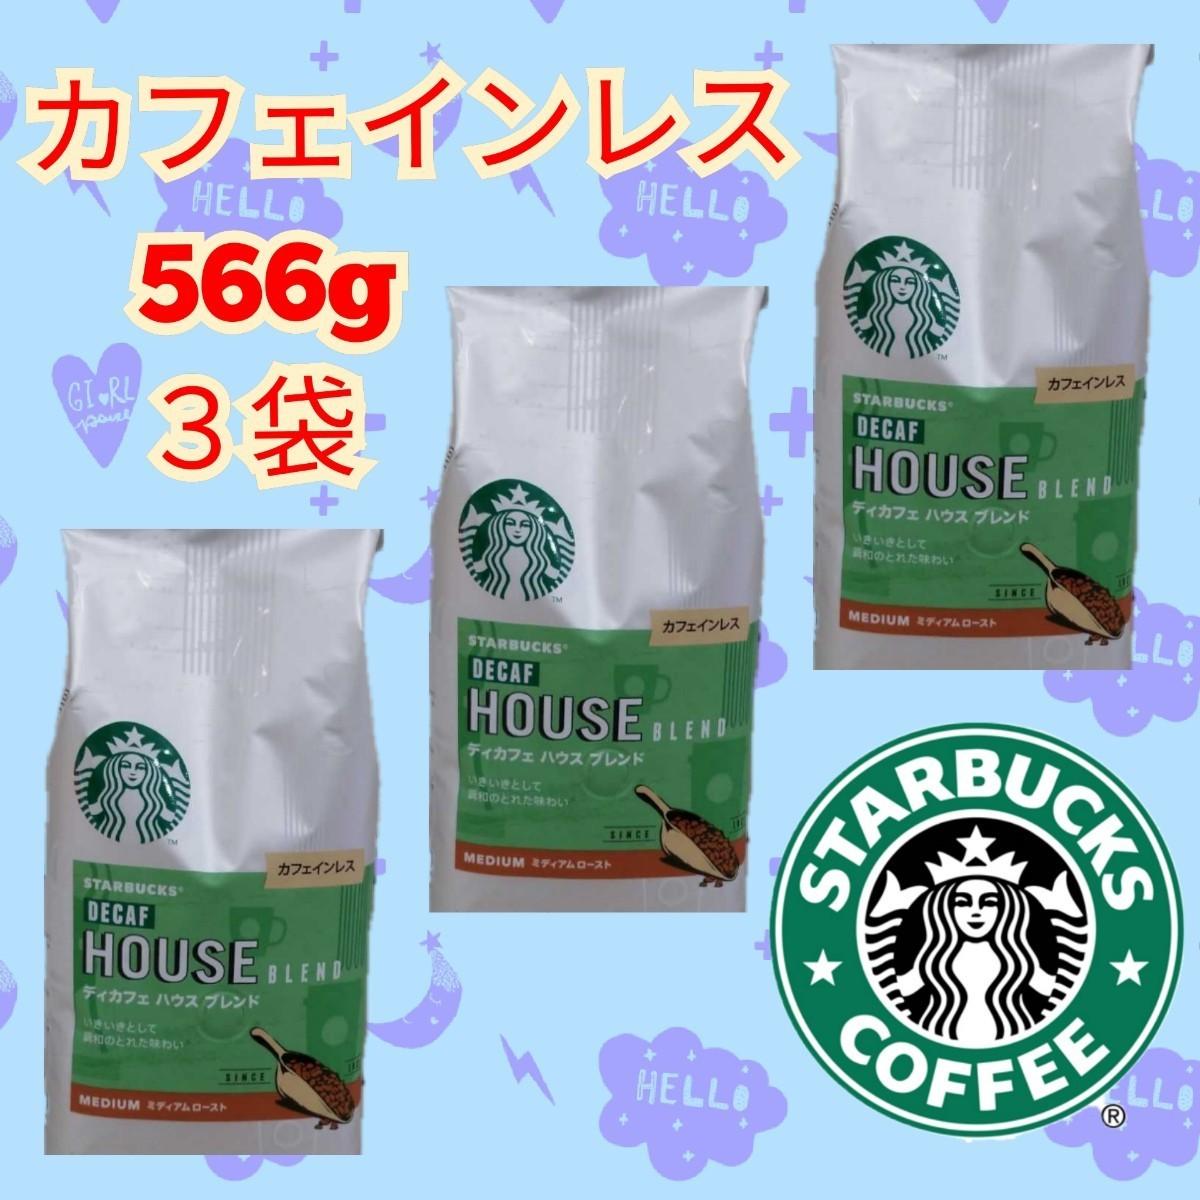 スターバックス スタバ カフェインレスコーヒー ディカフェ ハウスブレンド 566g 3袋